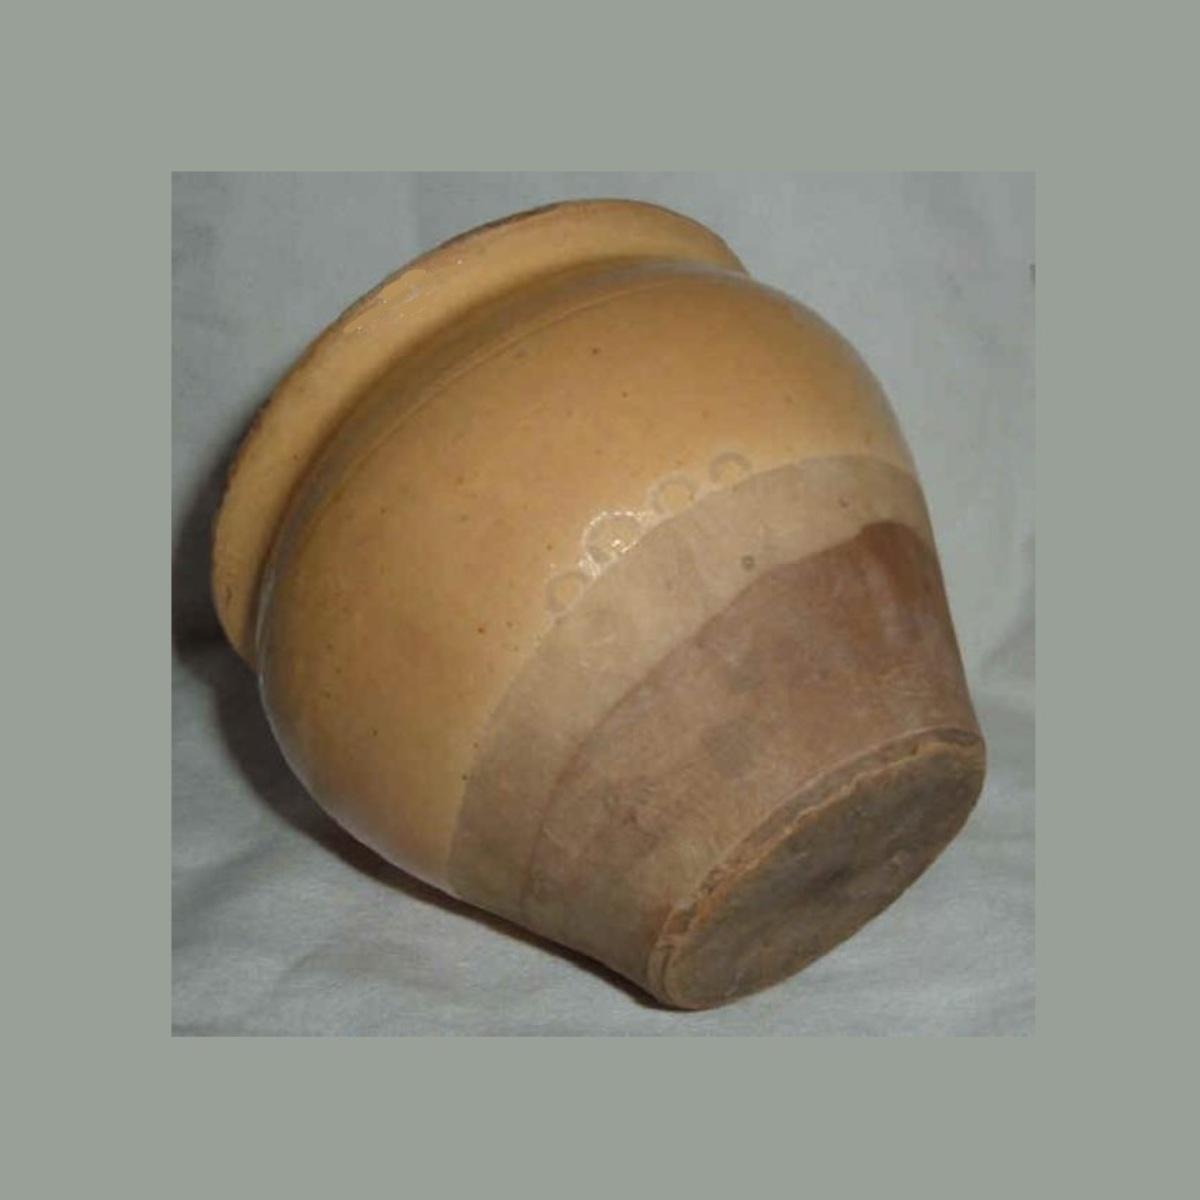 Ancien pot a confiture conique en gres vernisse jaune paille et gres brut ht 8 5cm 4